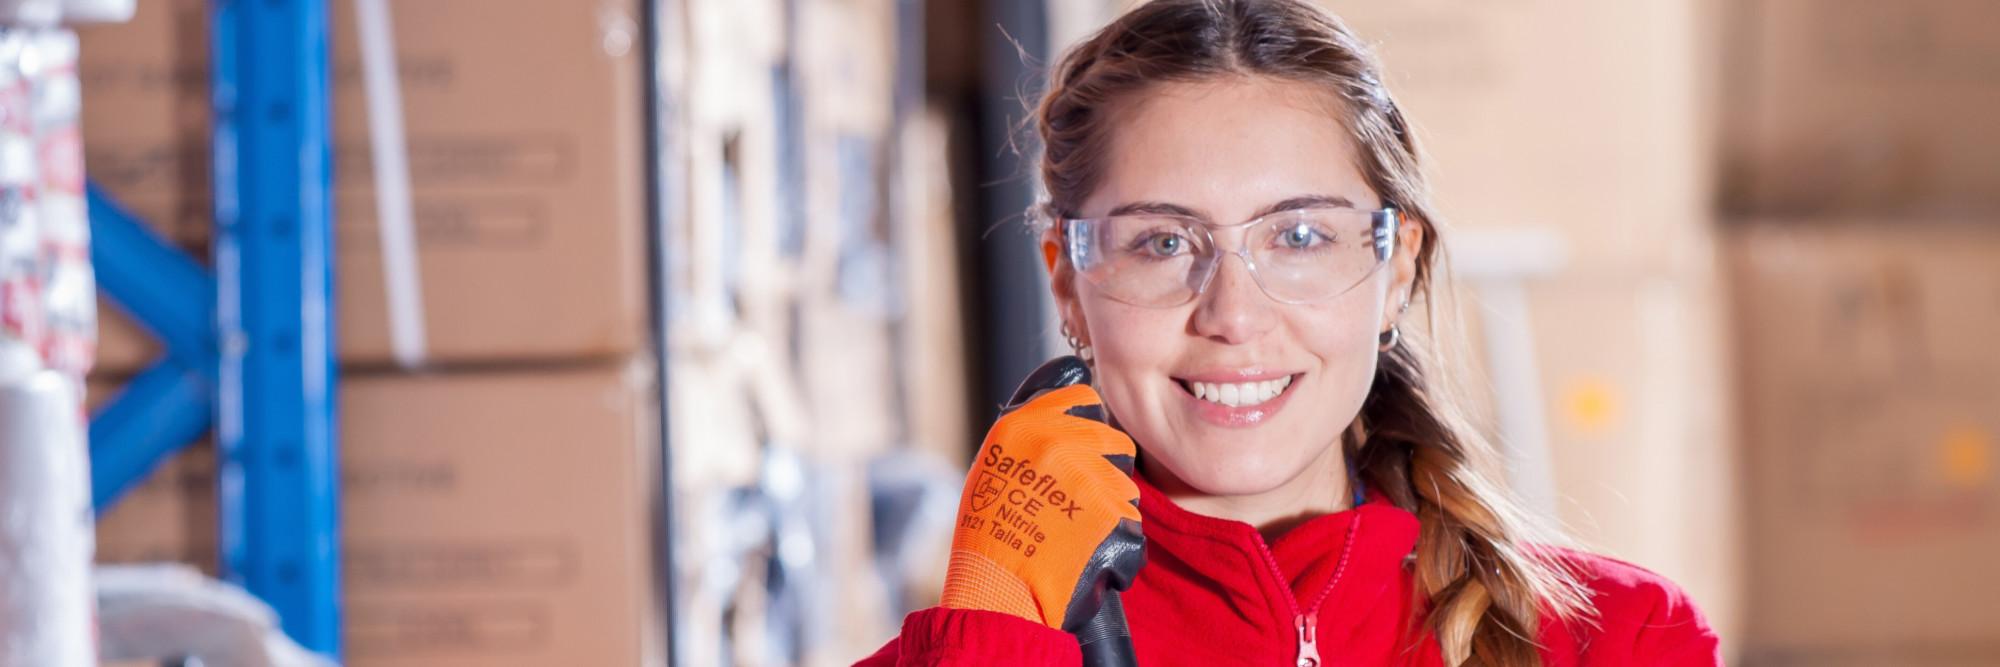 Eine junge Lagerarbeiterin mit Schutzbrille und Handschuhen blickt in die Kamera.